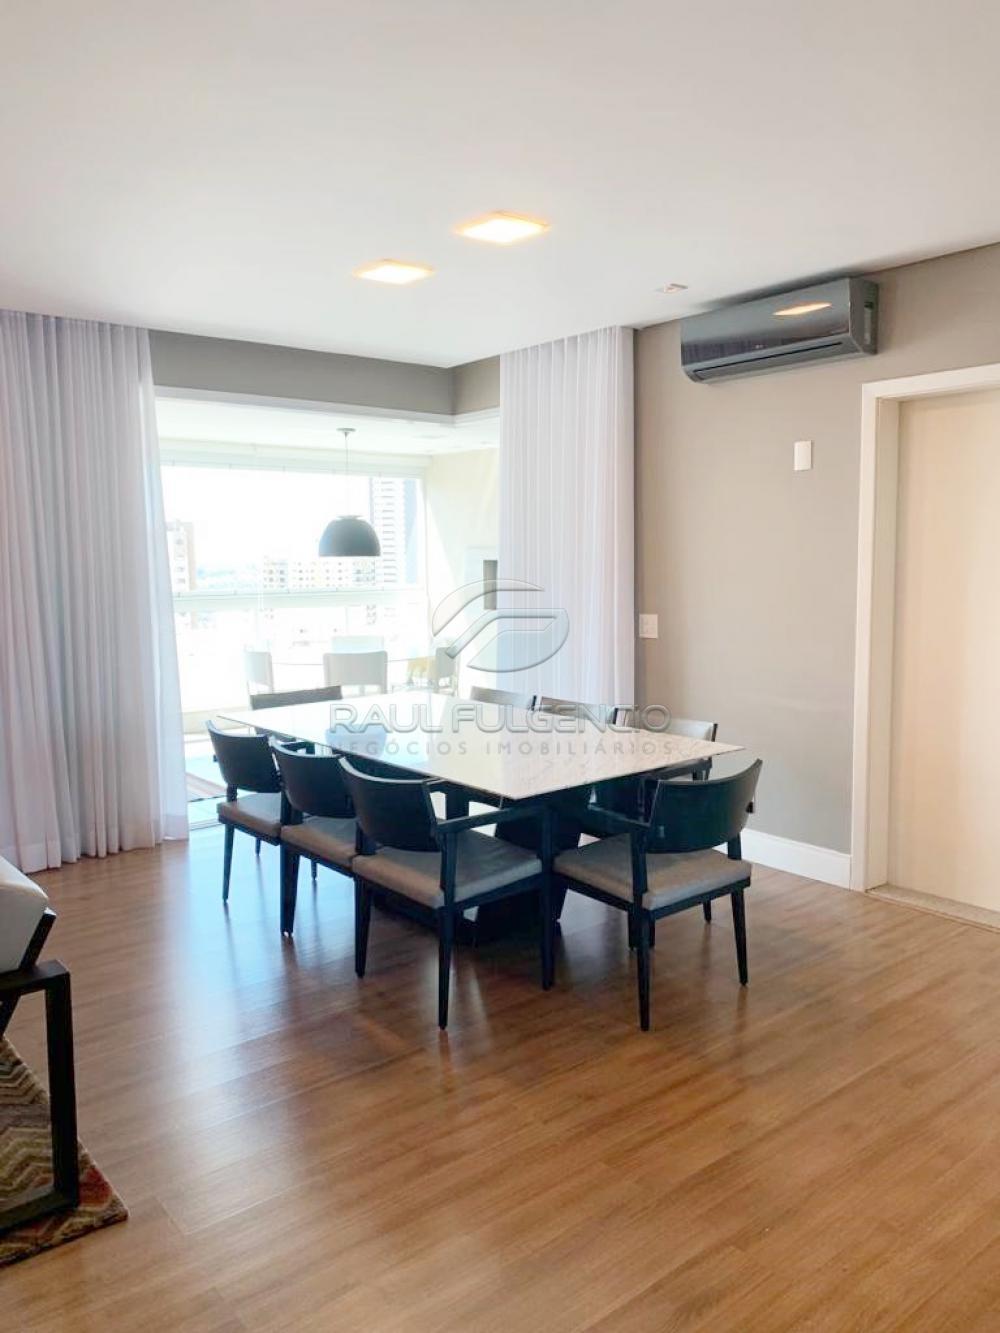 Comprar Apartamento / Padrão em Londrina apenas R$ 1.250.000,00 - Foto 9